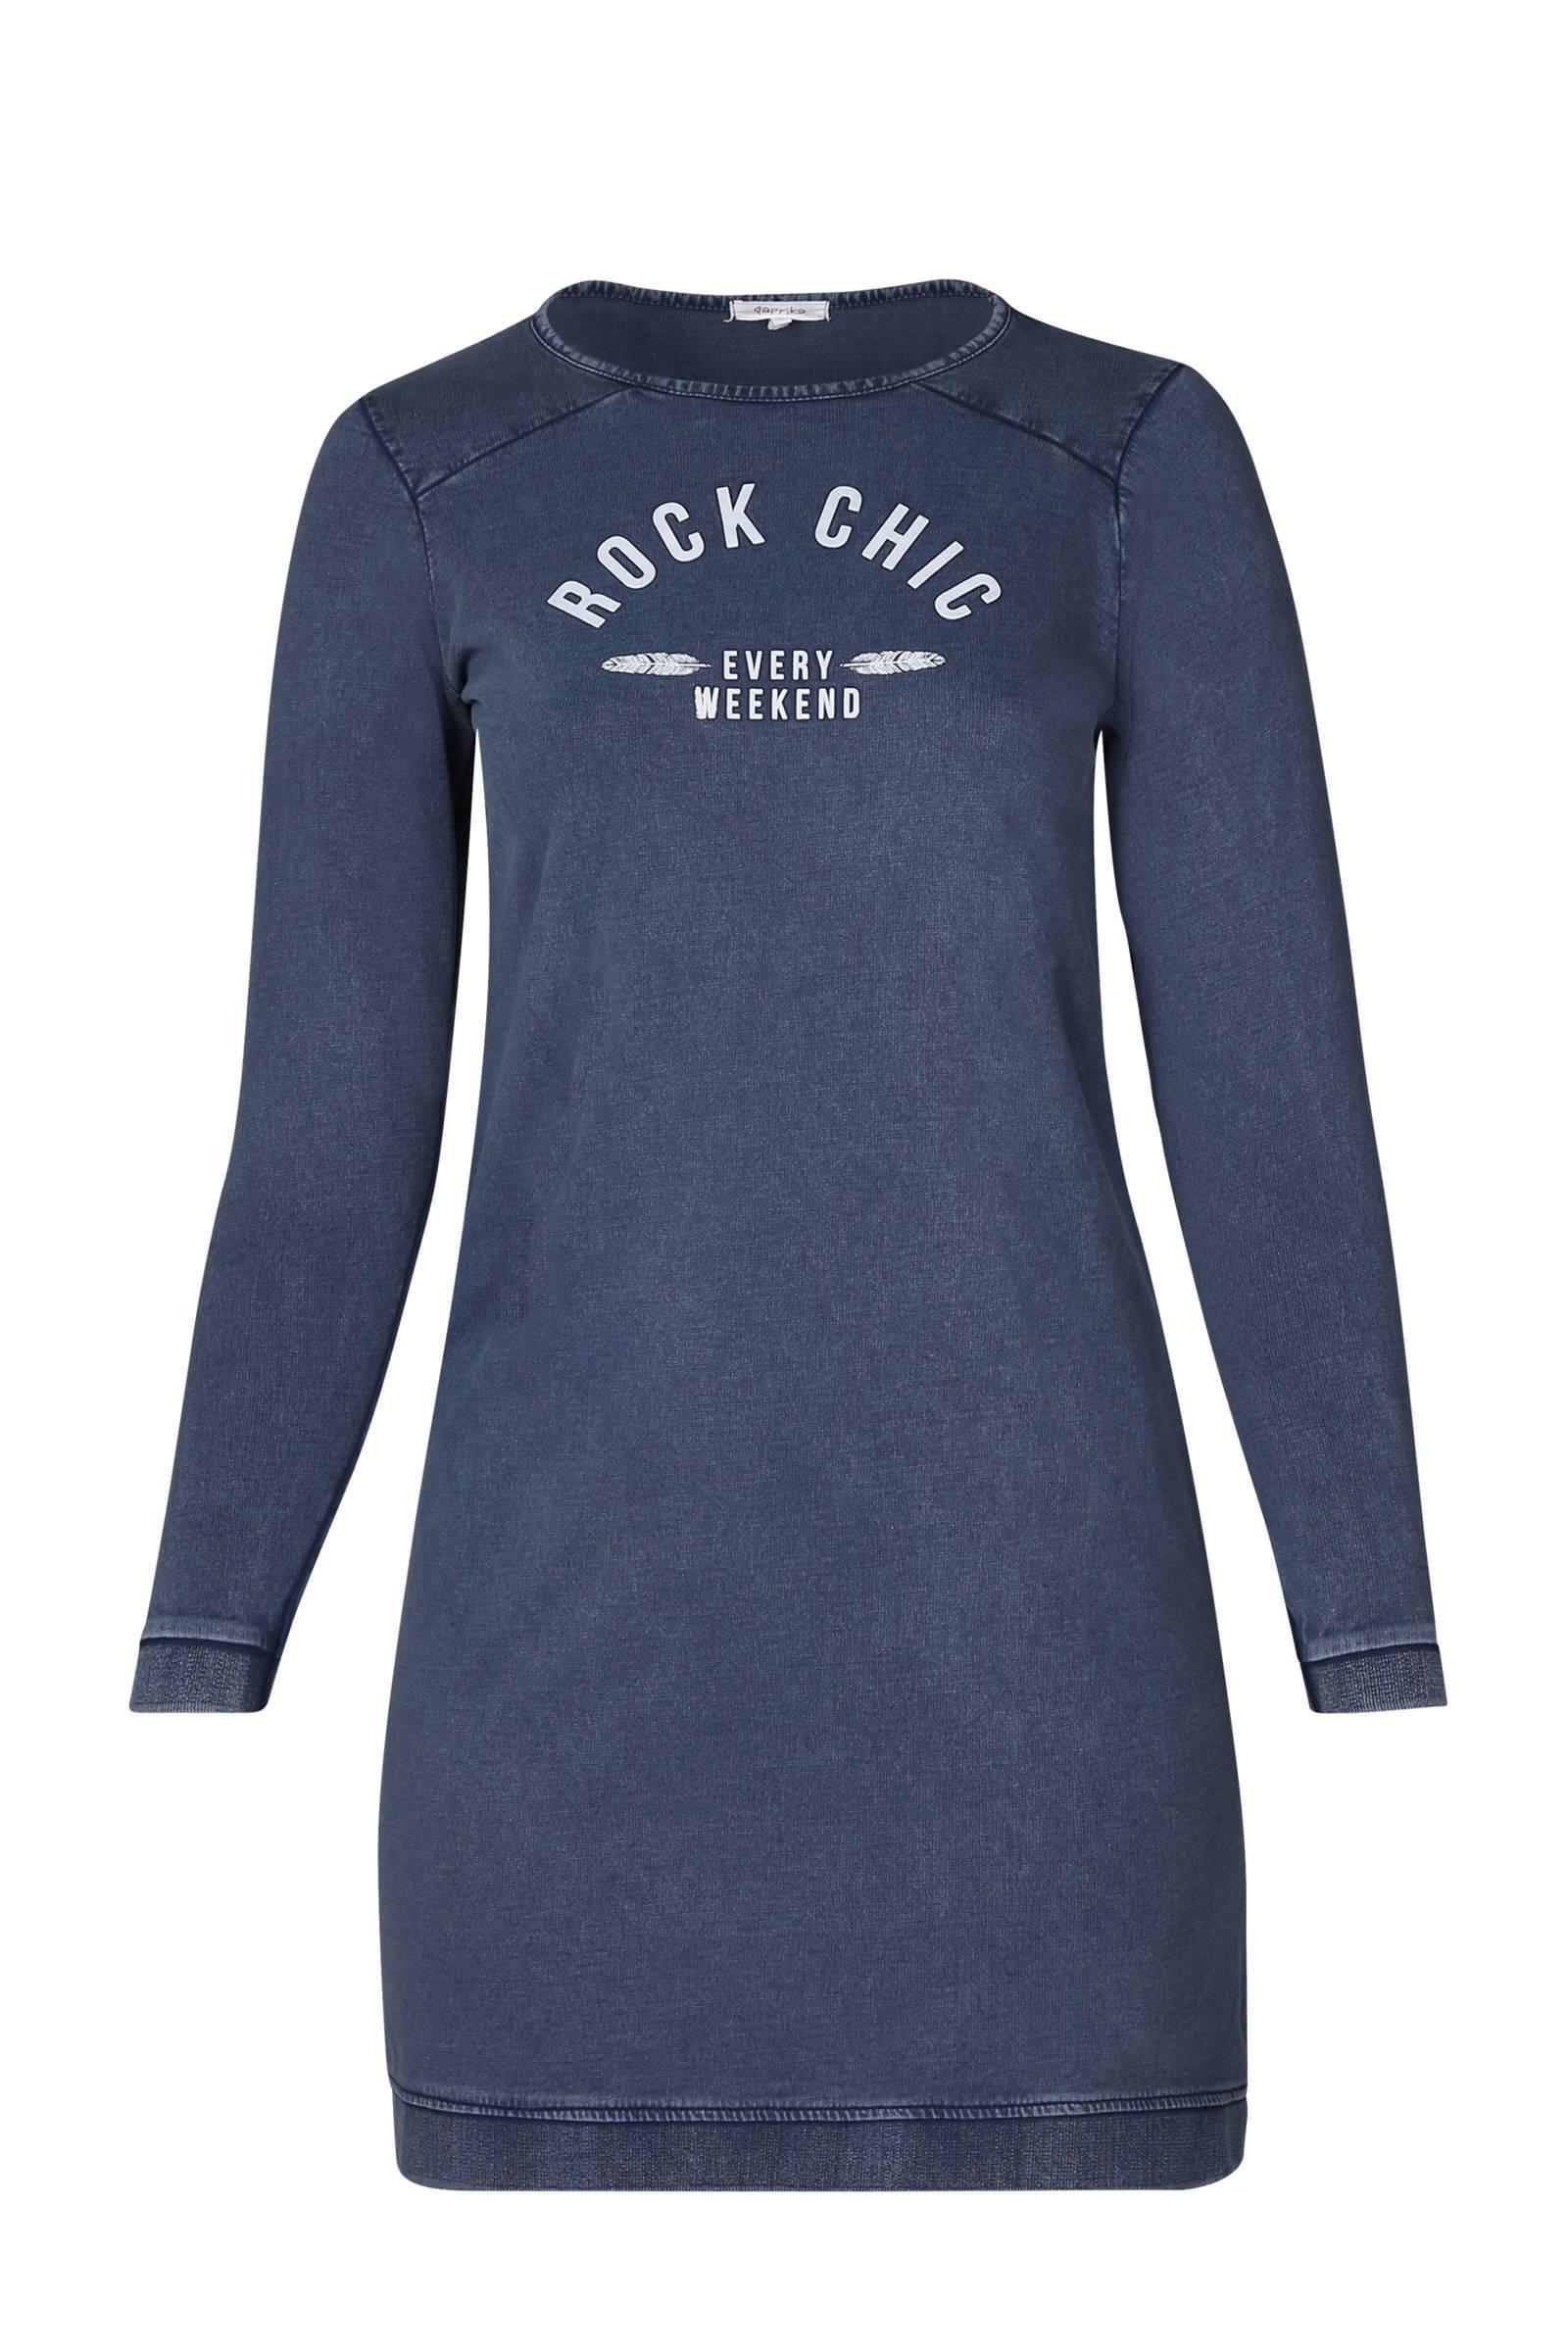 dd055cb1cef4d7 paprika-jurk-met-tekstopdruk-blauw-dark-denim-5400578496413.jpg